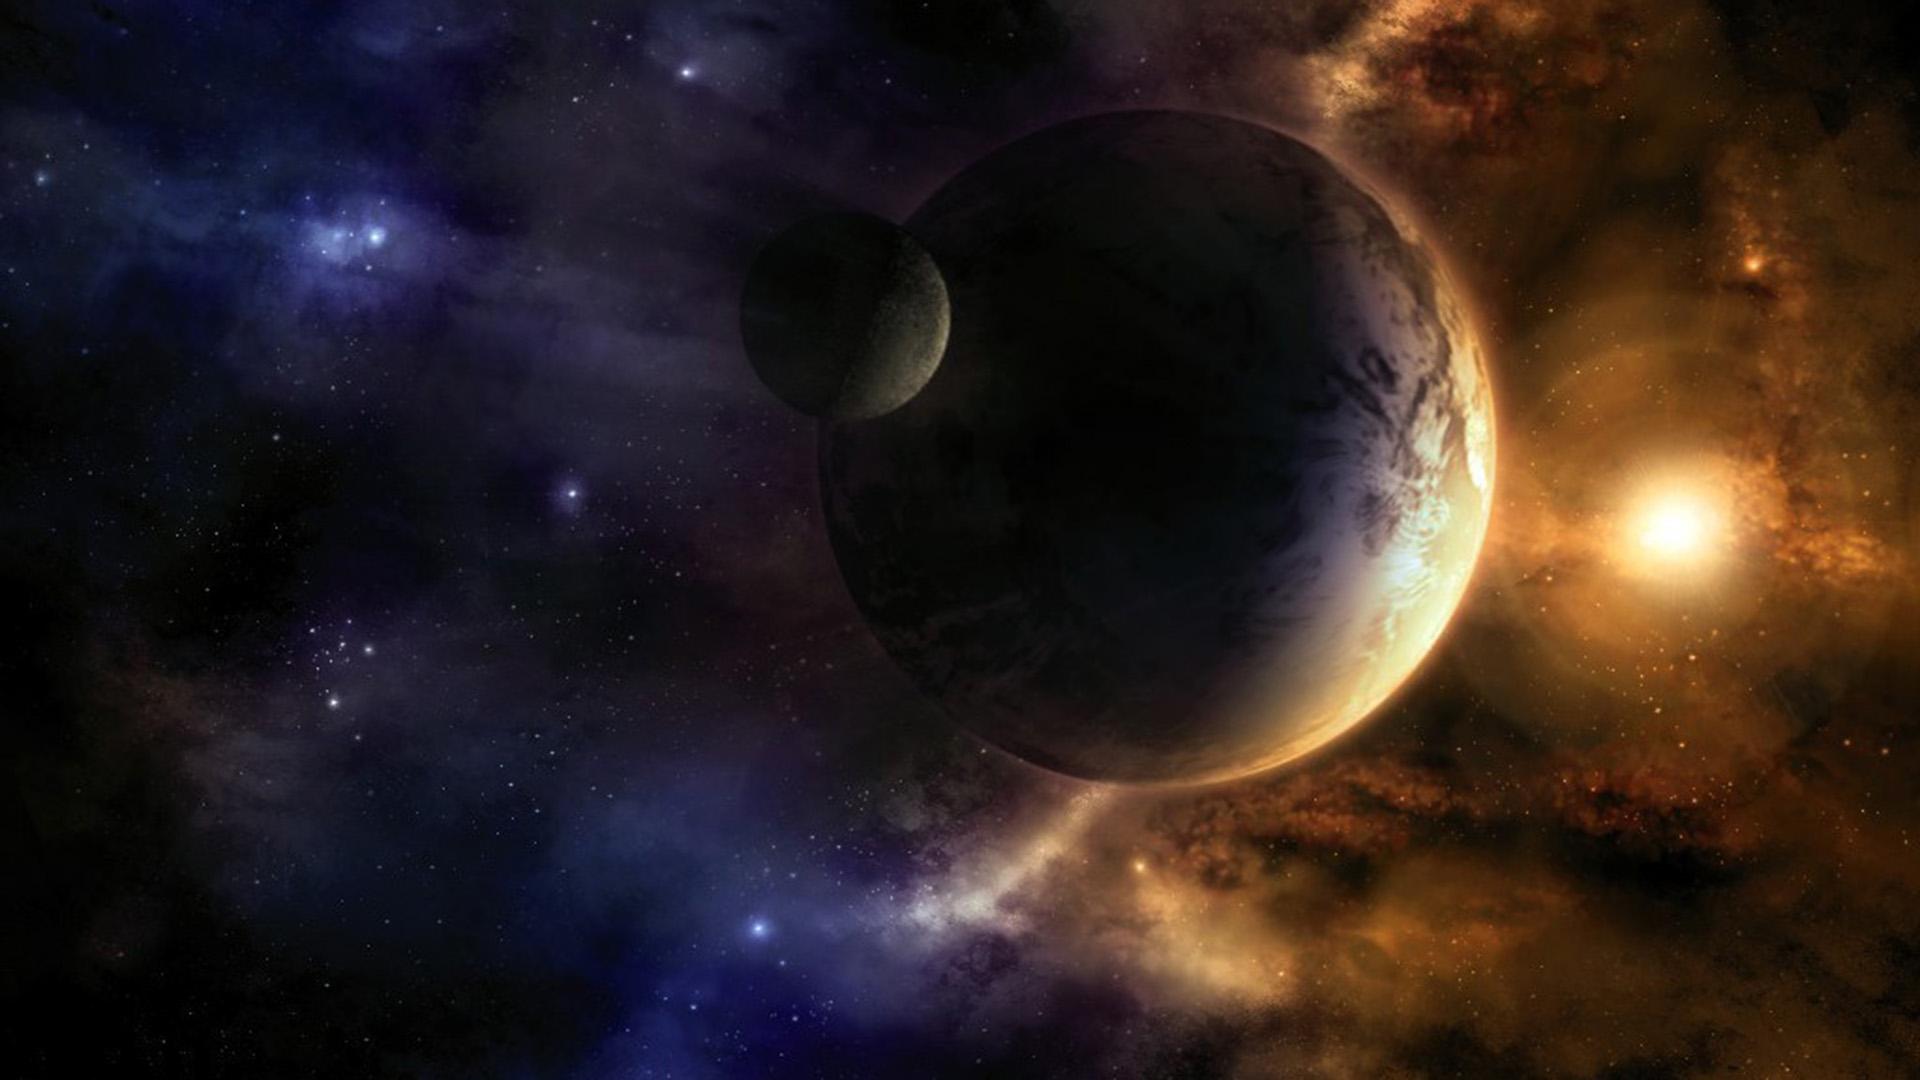 Fantasy Space Art Wallpaper Wallpapersafari